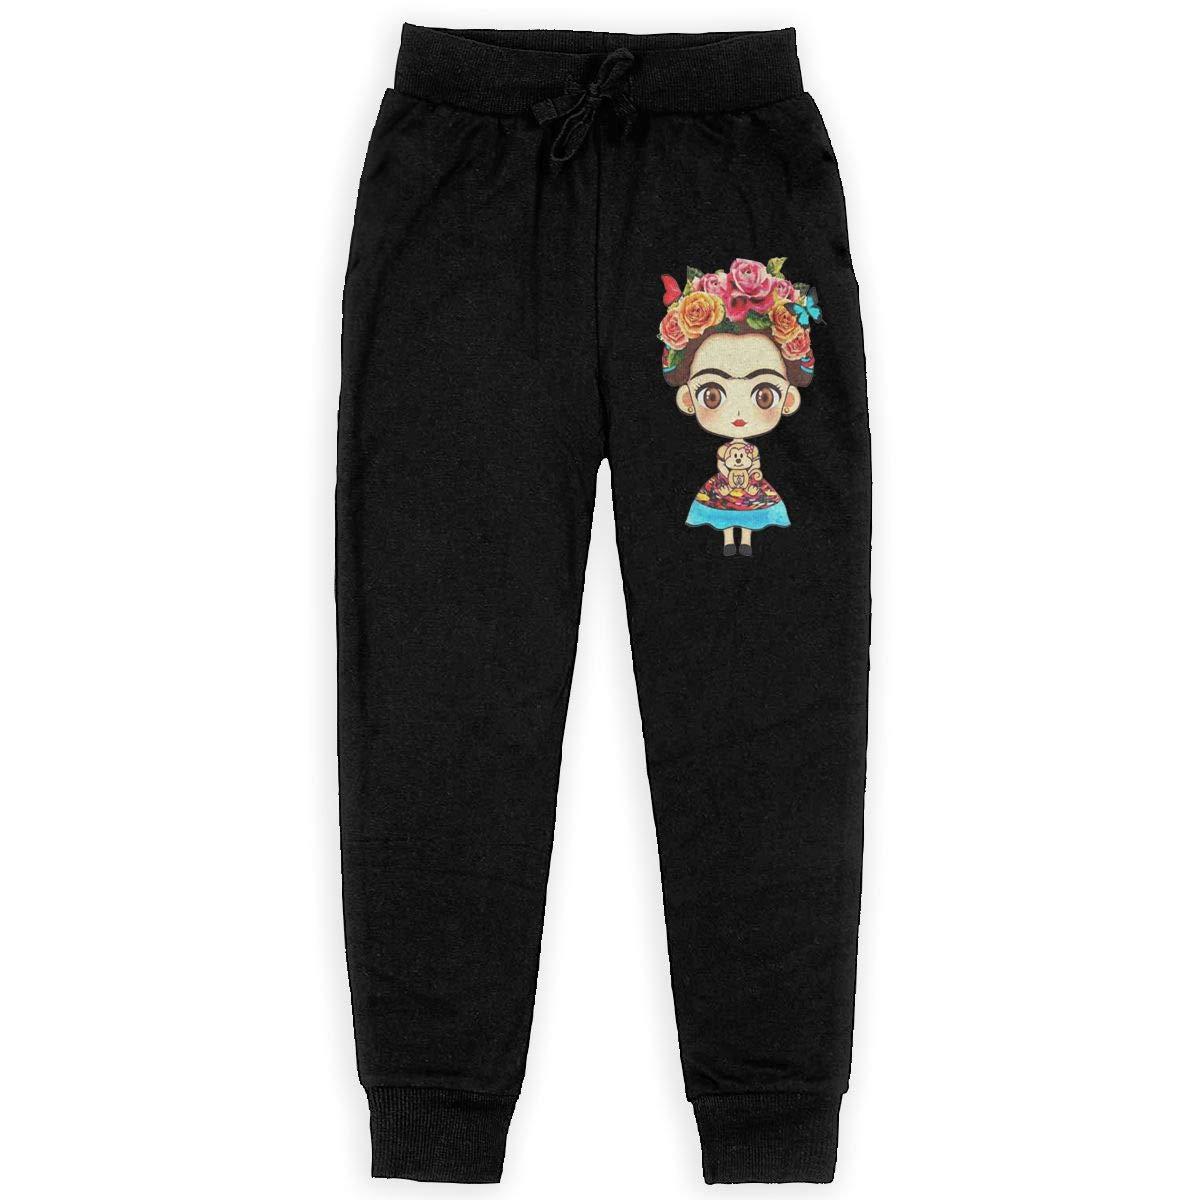 Kim Mittelstaedt Frida Kahlo Boys Big Active Basic Casual Pants Sweatpants for Boys Black